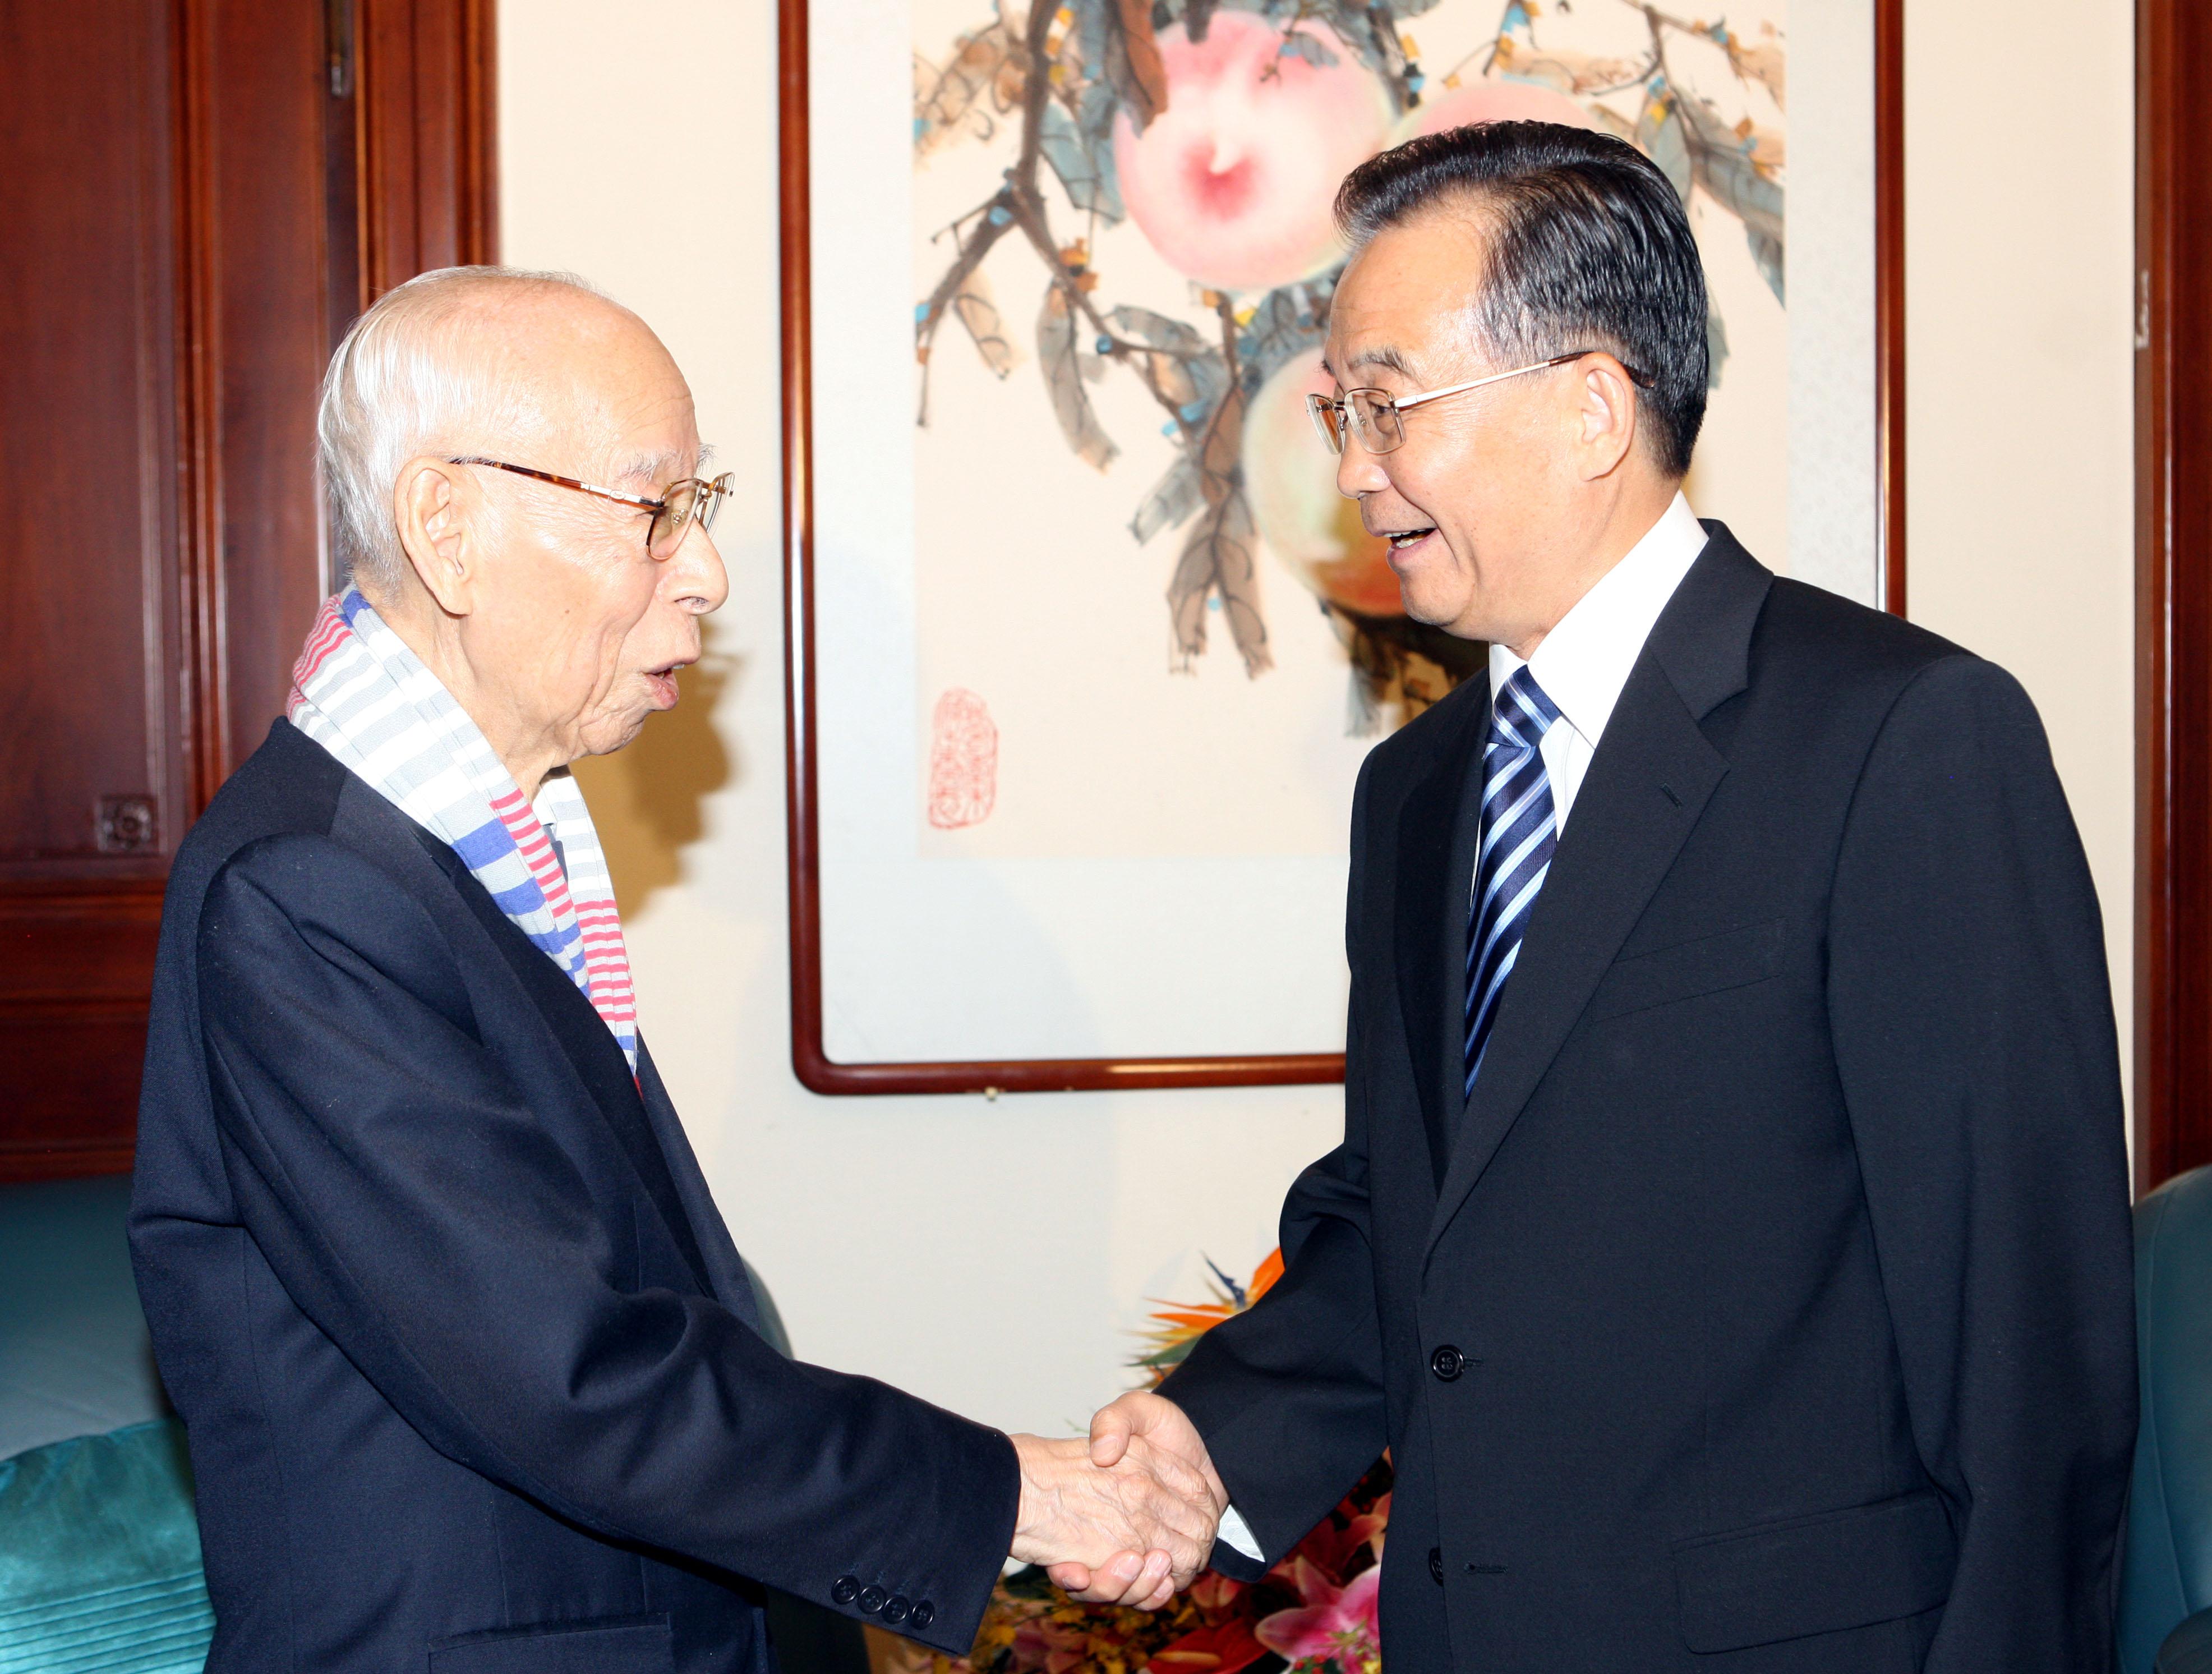 2010年8月6日,時任國務院總理的溫家寶在北京中央文史研究館會見饒宗頤先生(新華社)